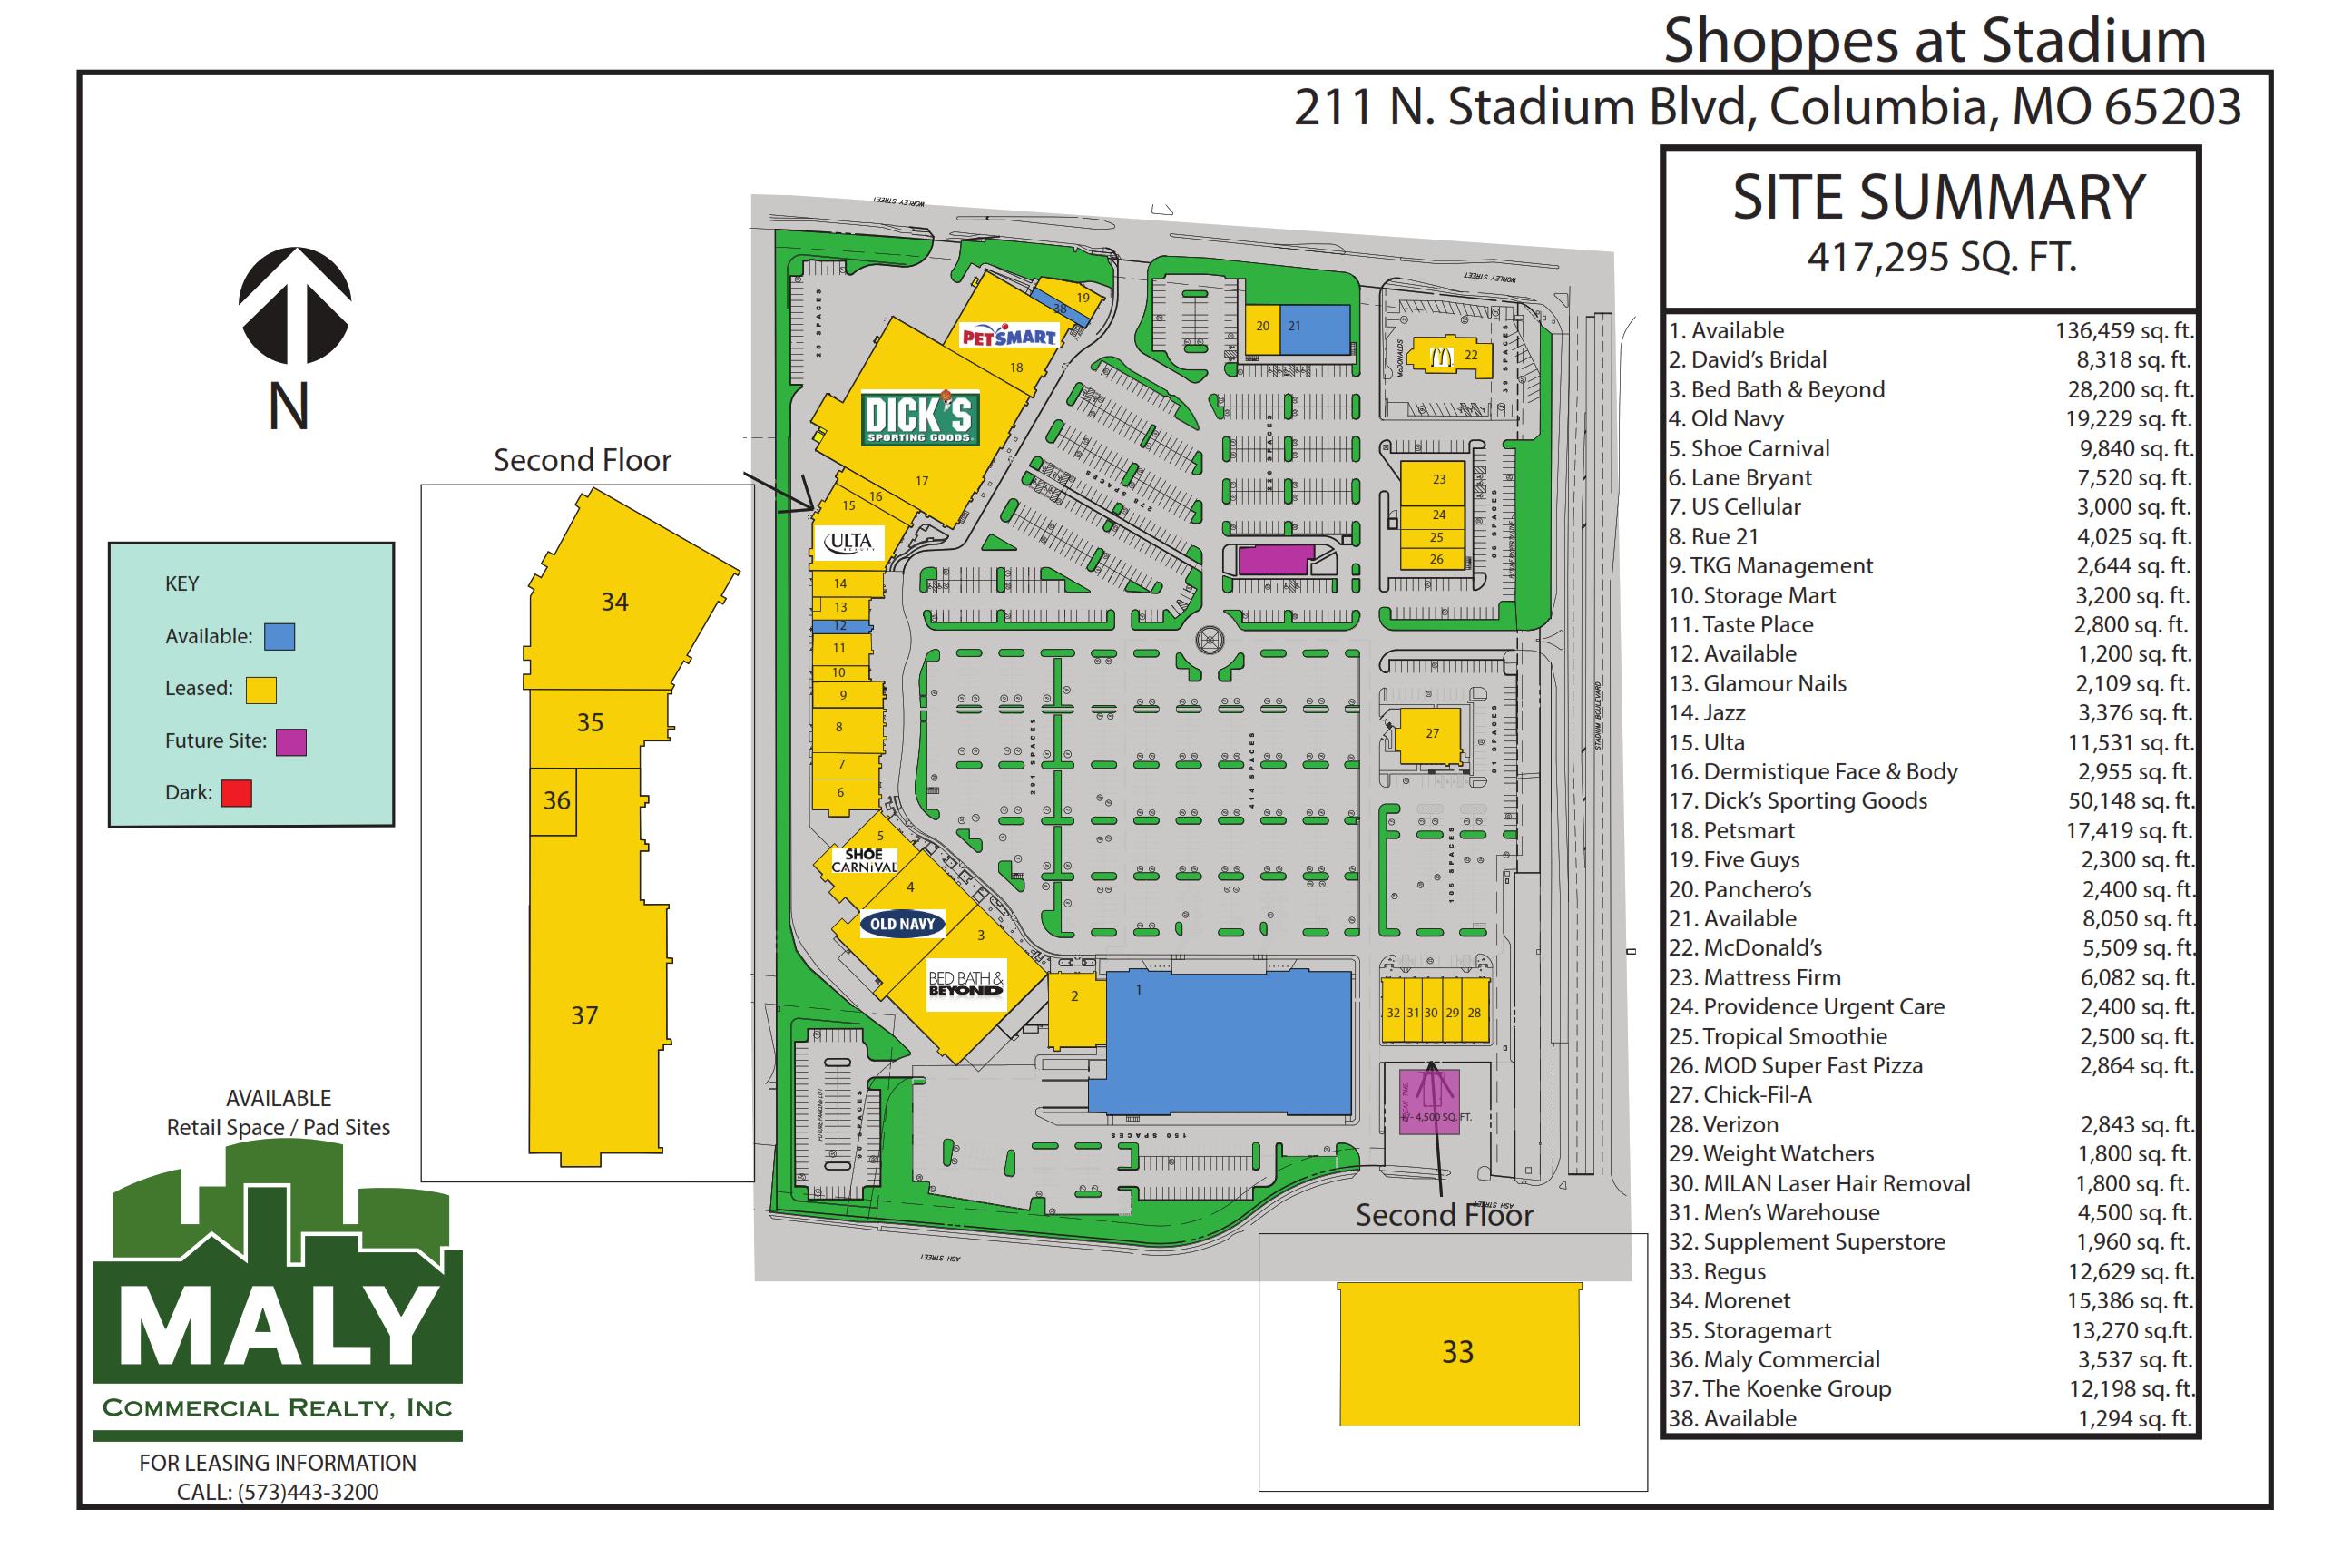 Shoppes at Stadium – Unit 21